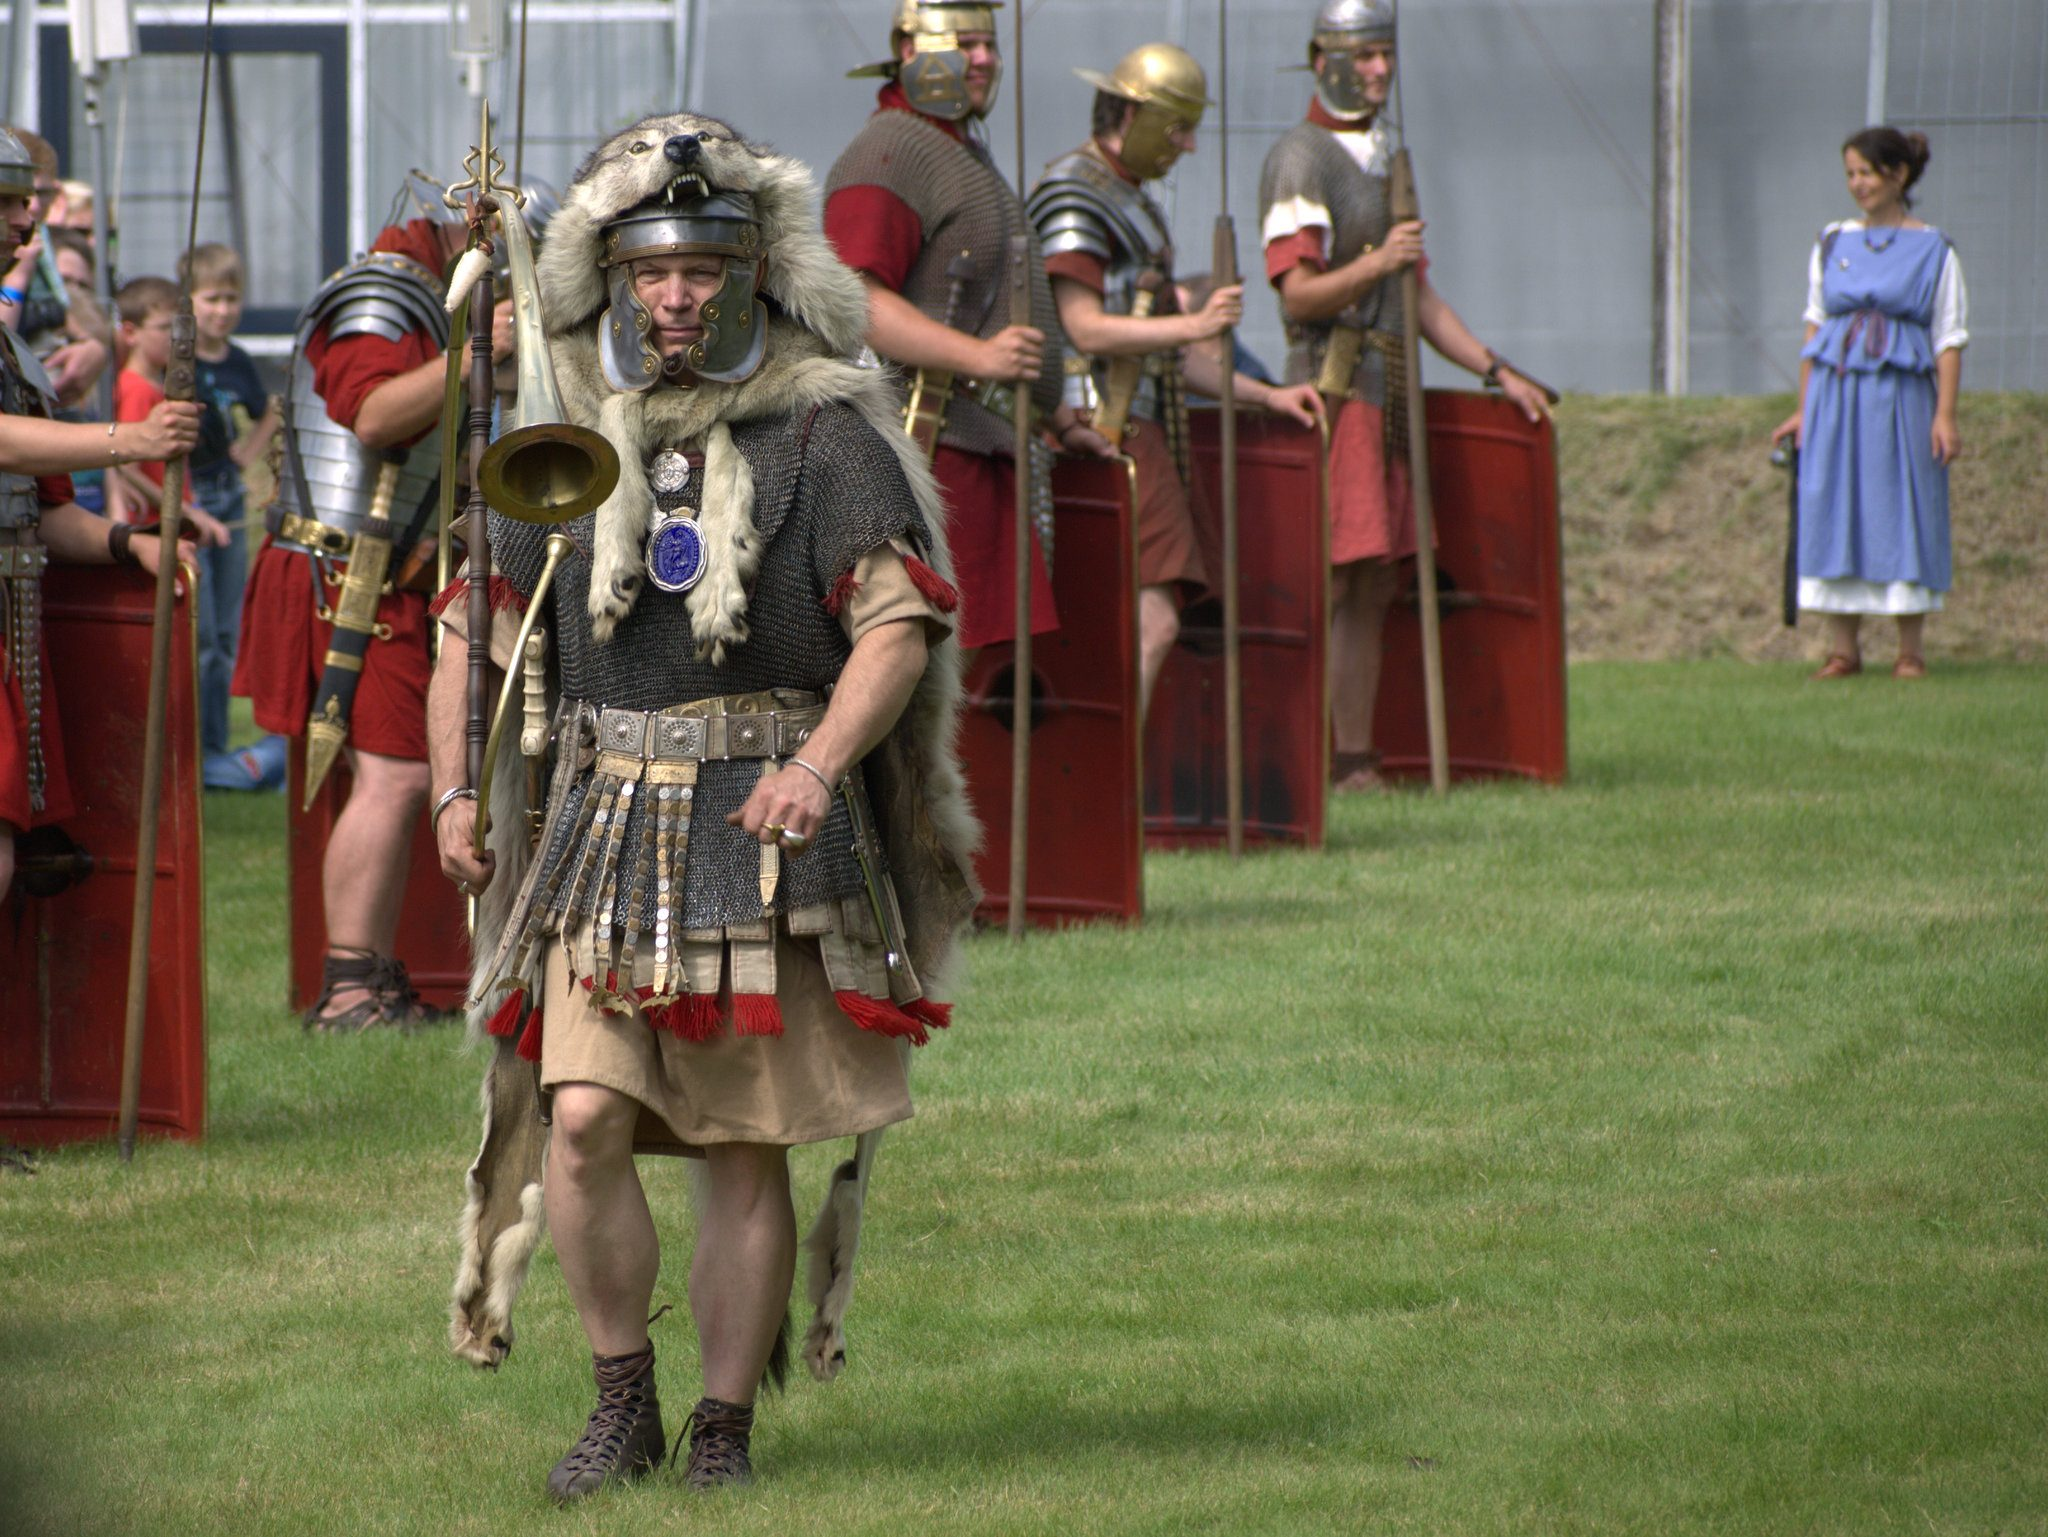 Der Römer hier hat die Tröte so schräg geblasen, wie ihr das aus Asterix-Filmen kennt.